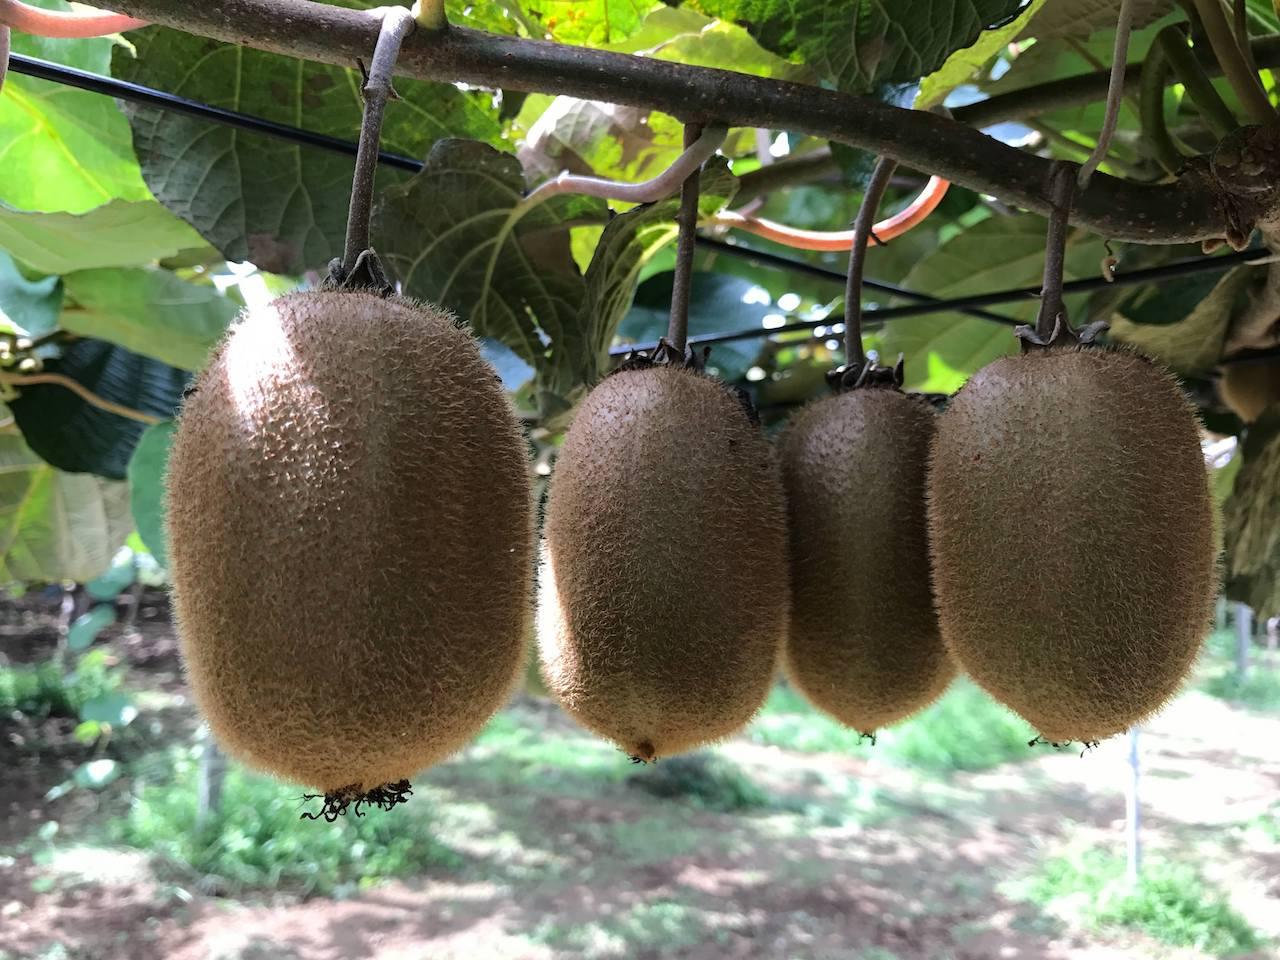 キウイフルーツなどを生産する果樹農家「吉野園」